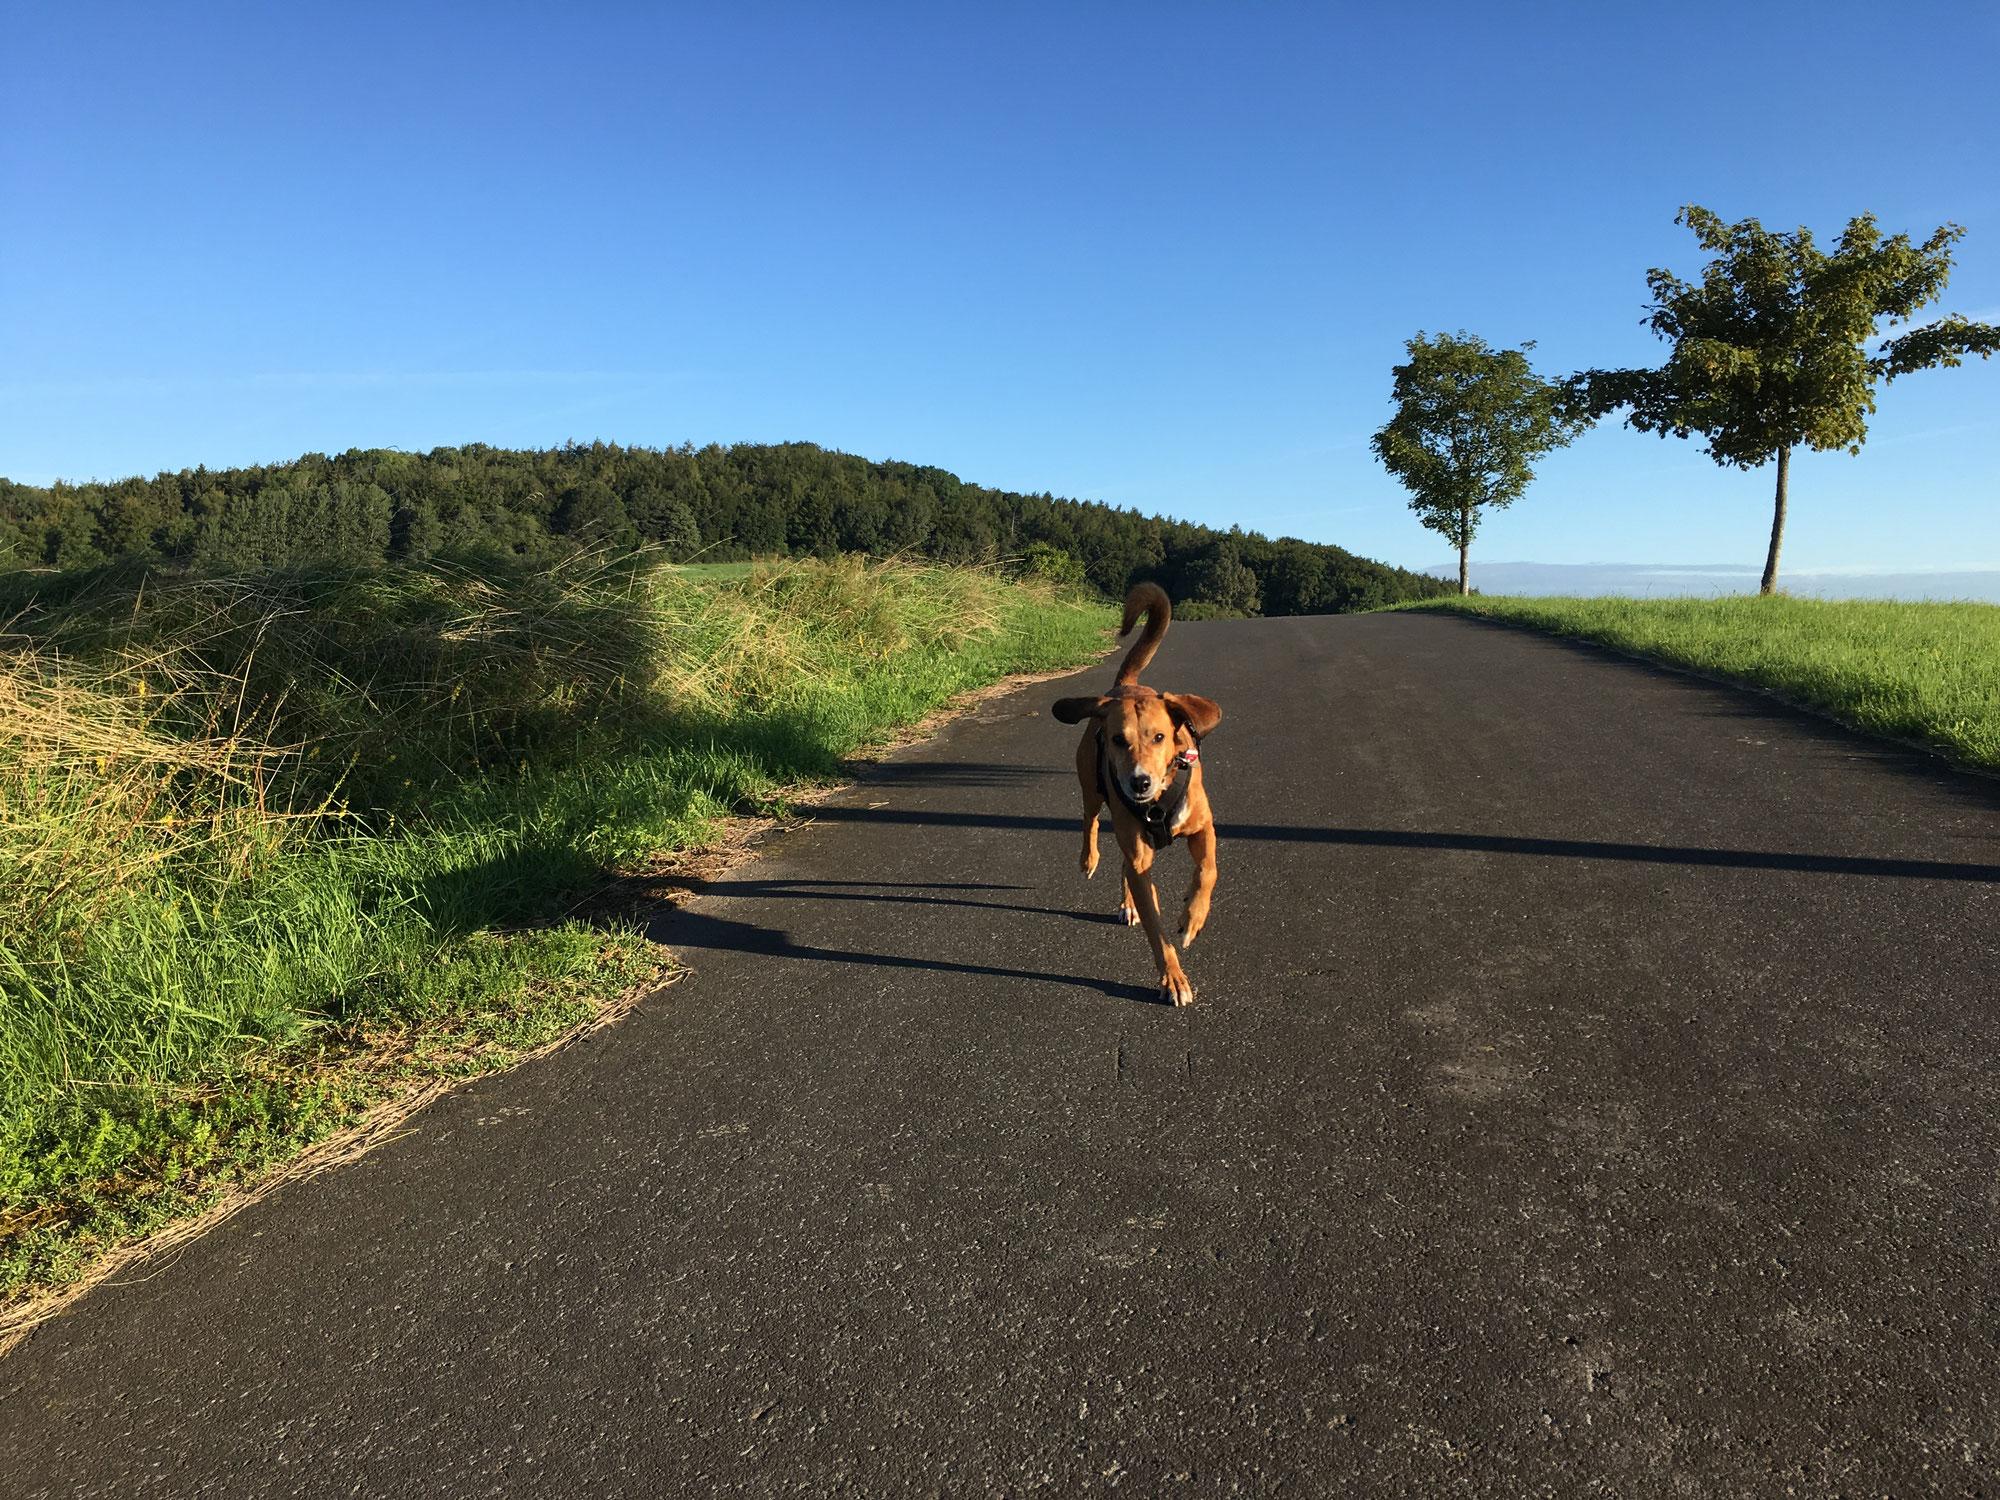 Das Leben mit unserem Hund sollte kein Leistungswettbewerb sein